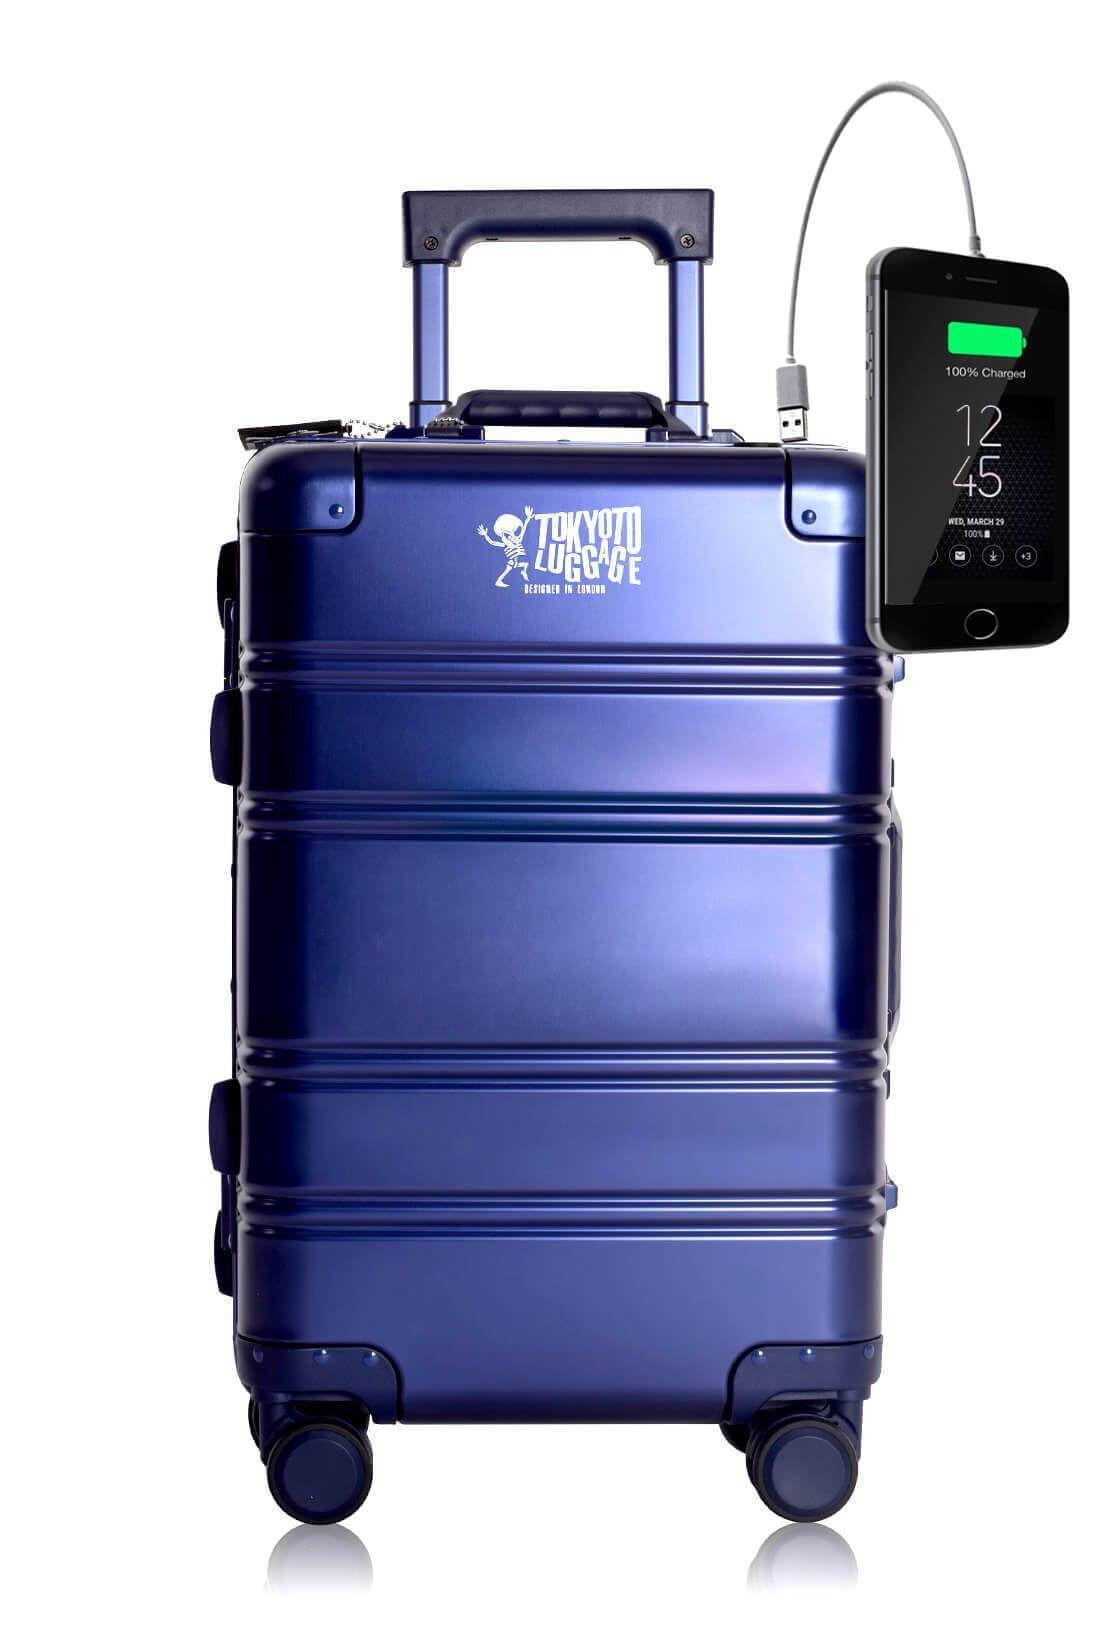 Valigia da cabina in alluminio divertimento online per giovani urbani con caricatore usb TOKYOTO LUGGAGE Blue Small Logo